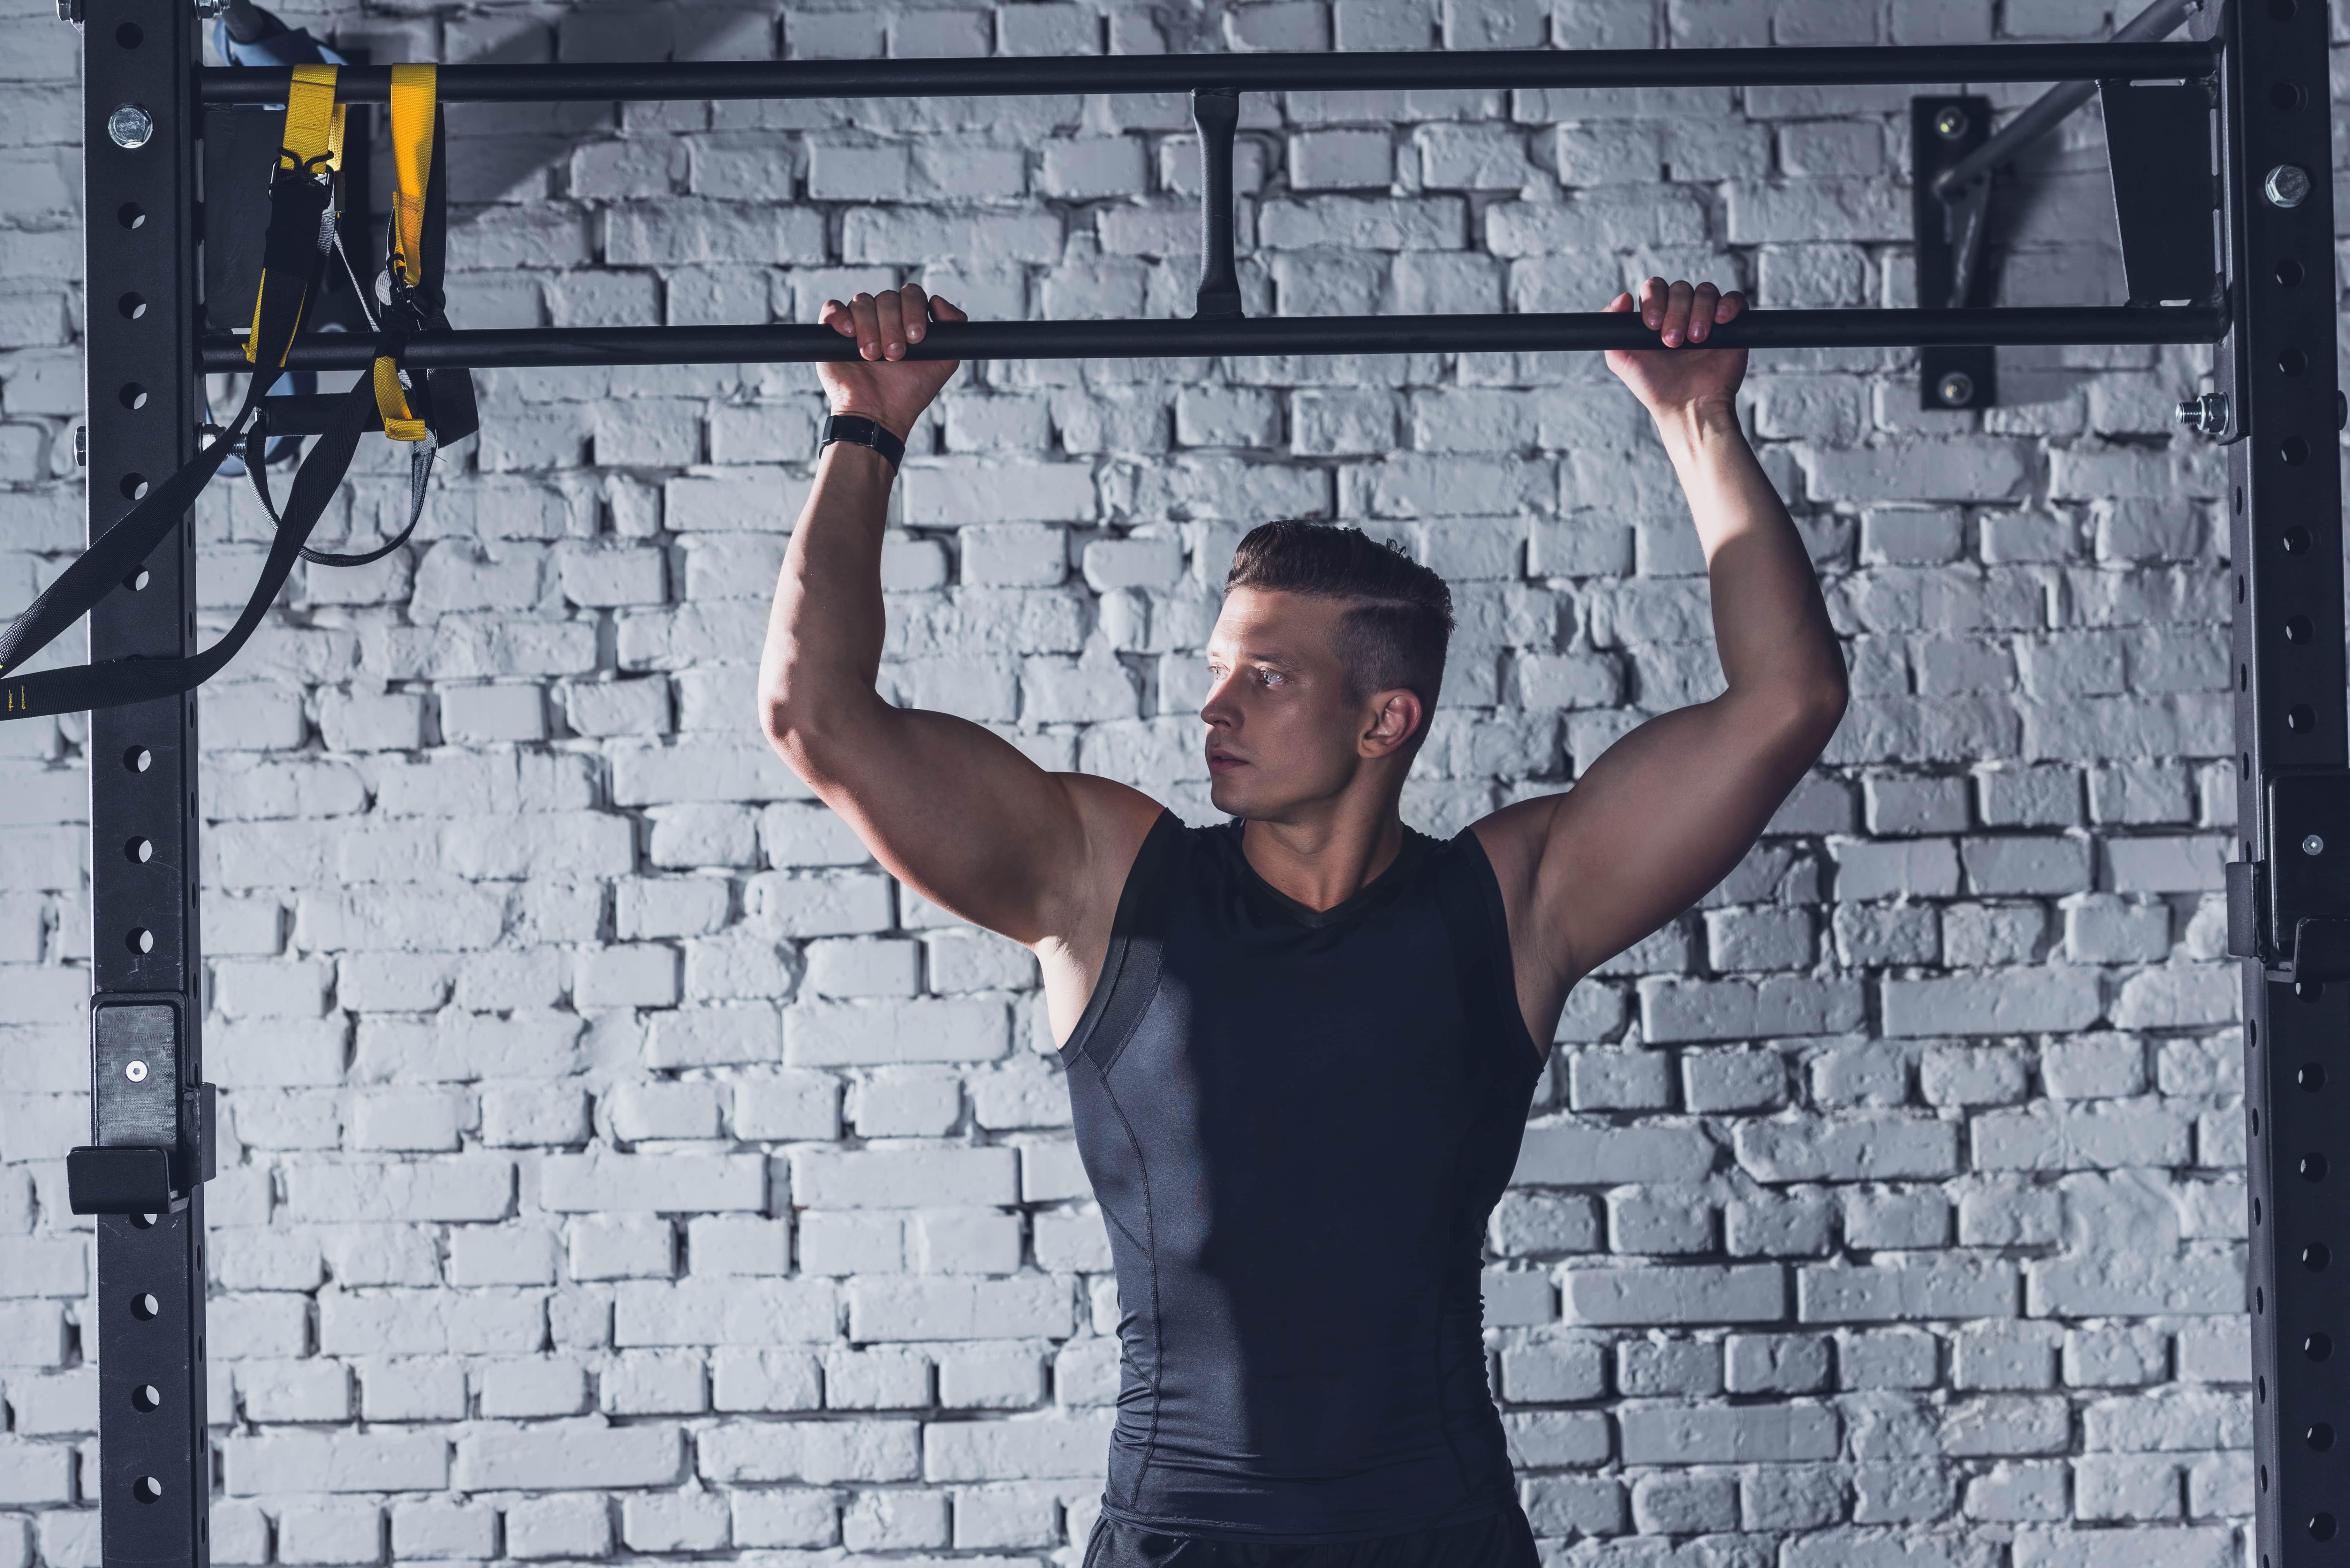 Dominadas-ejercicio-espalda-gym